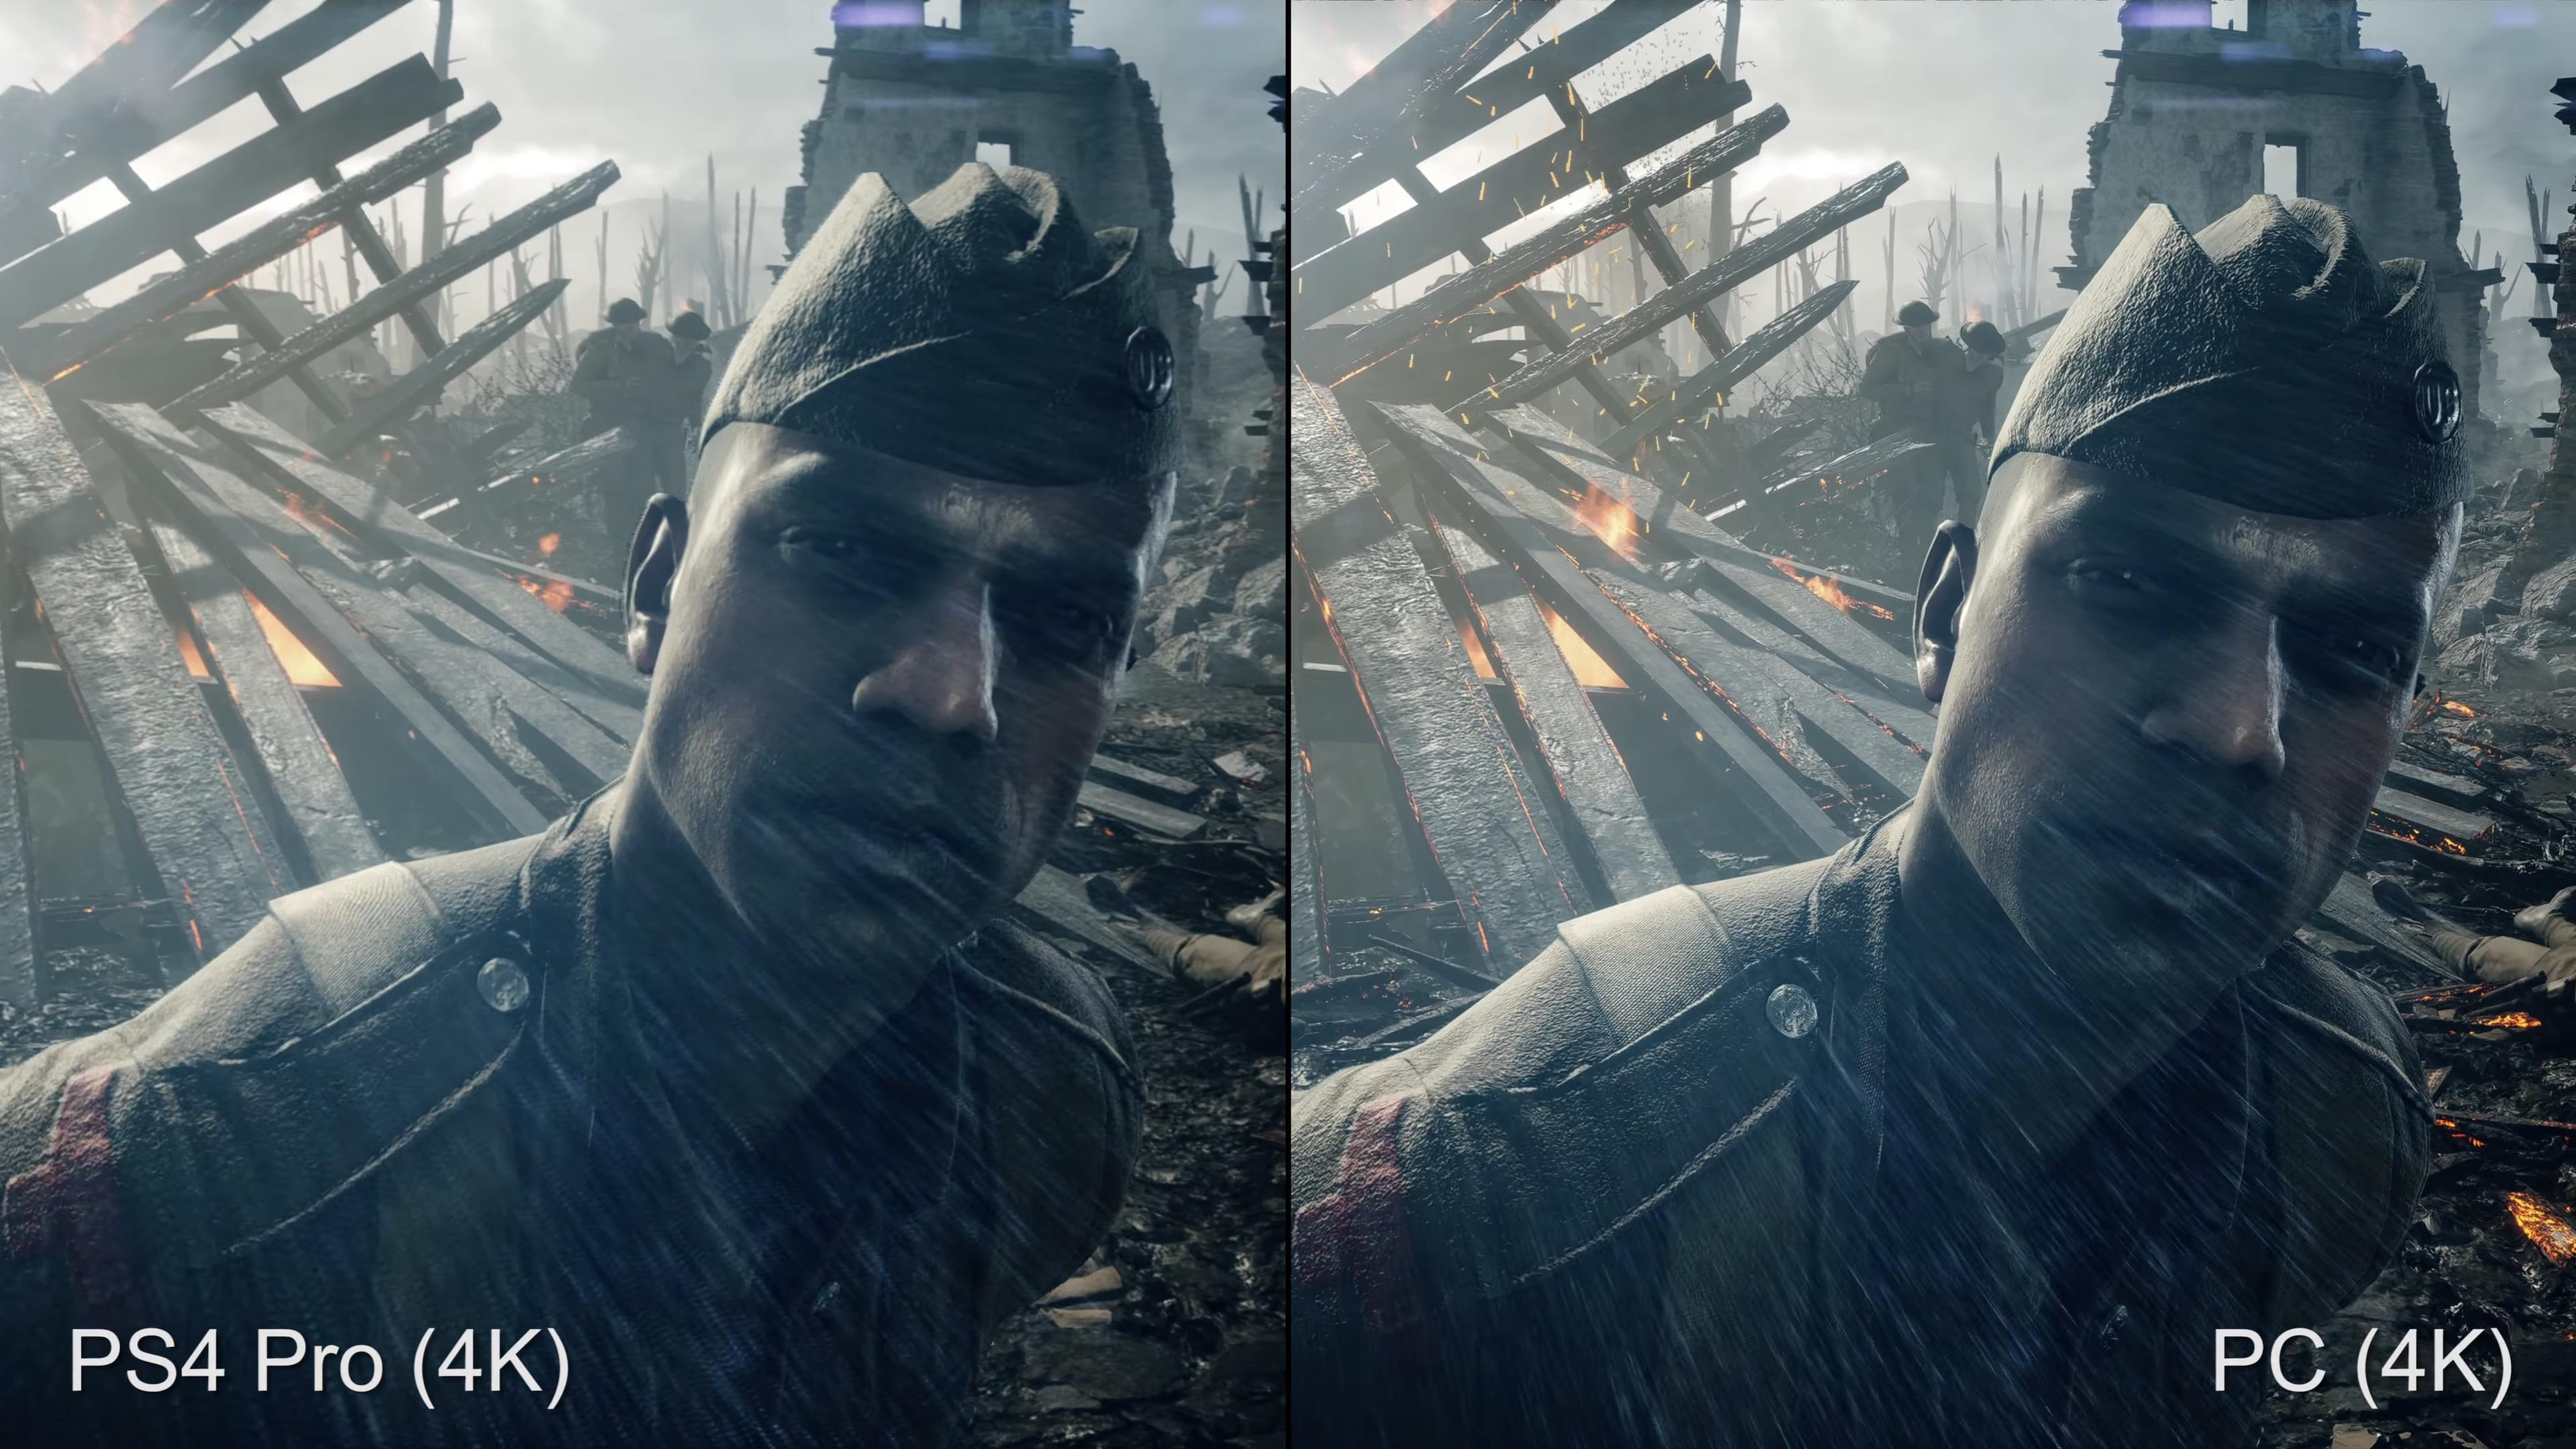 Kuten videostakin selviää, on PS4 Pro:n ja PC:n 4K-kuvalla selvä ero.